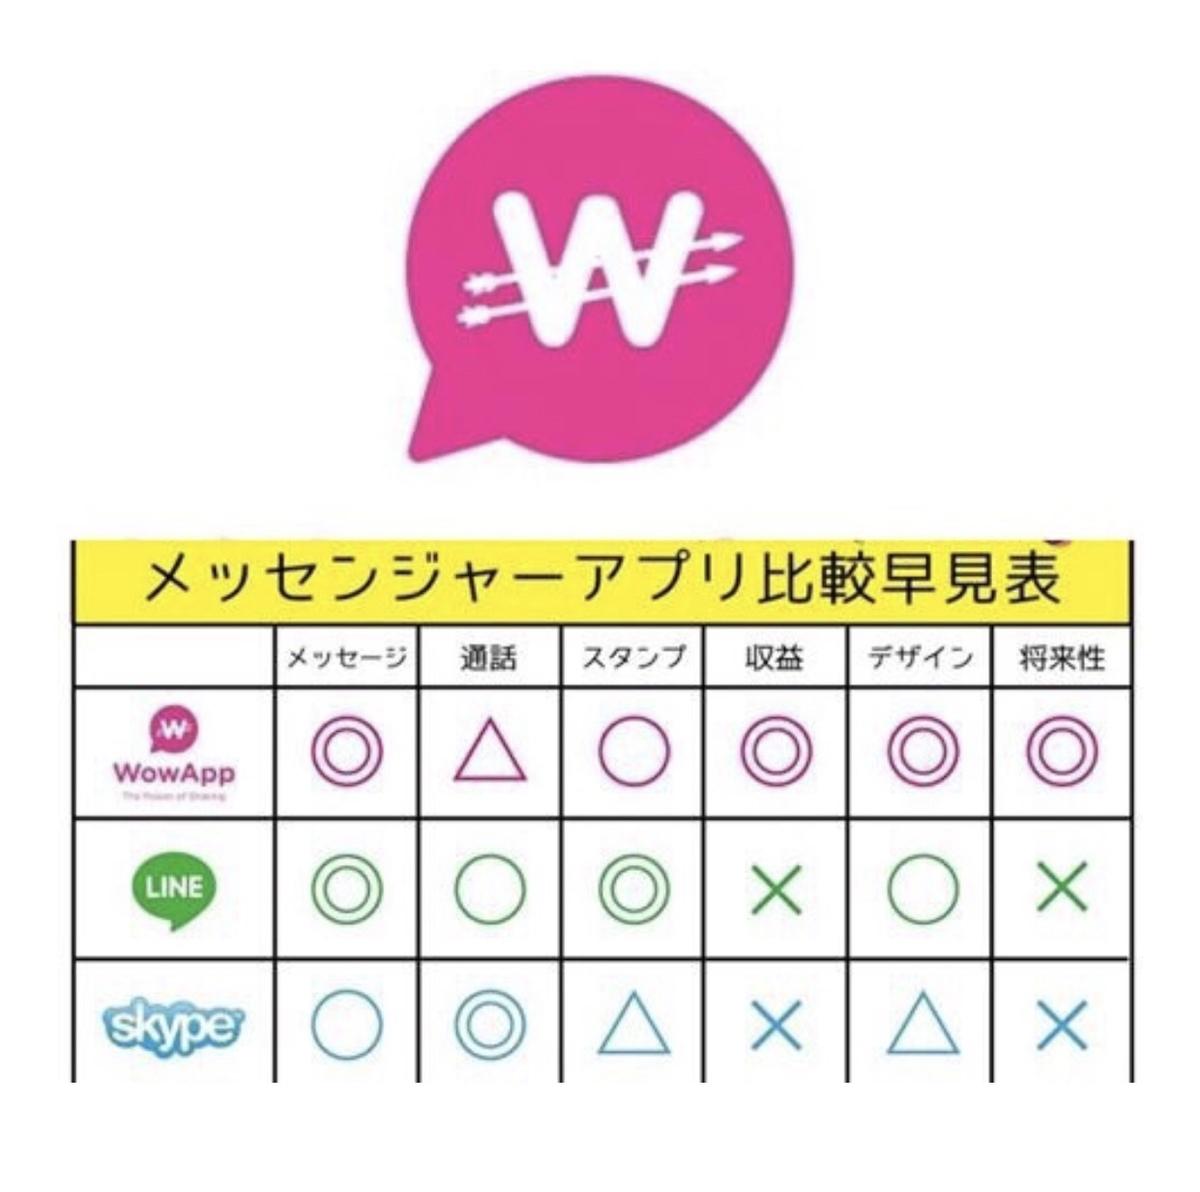 f:id:kaoruikeda:20201125122903j:plain